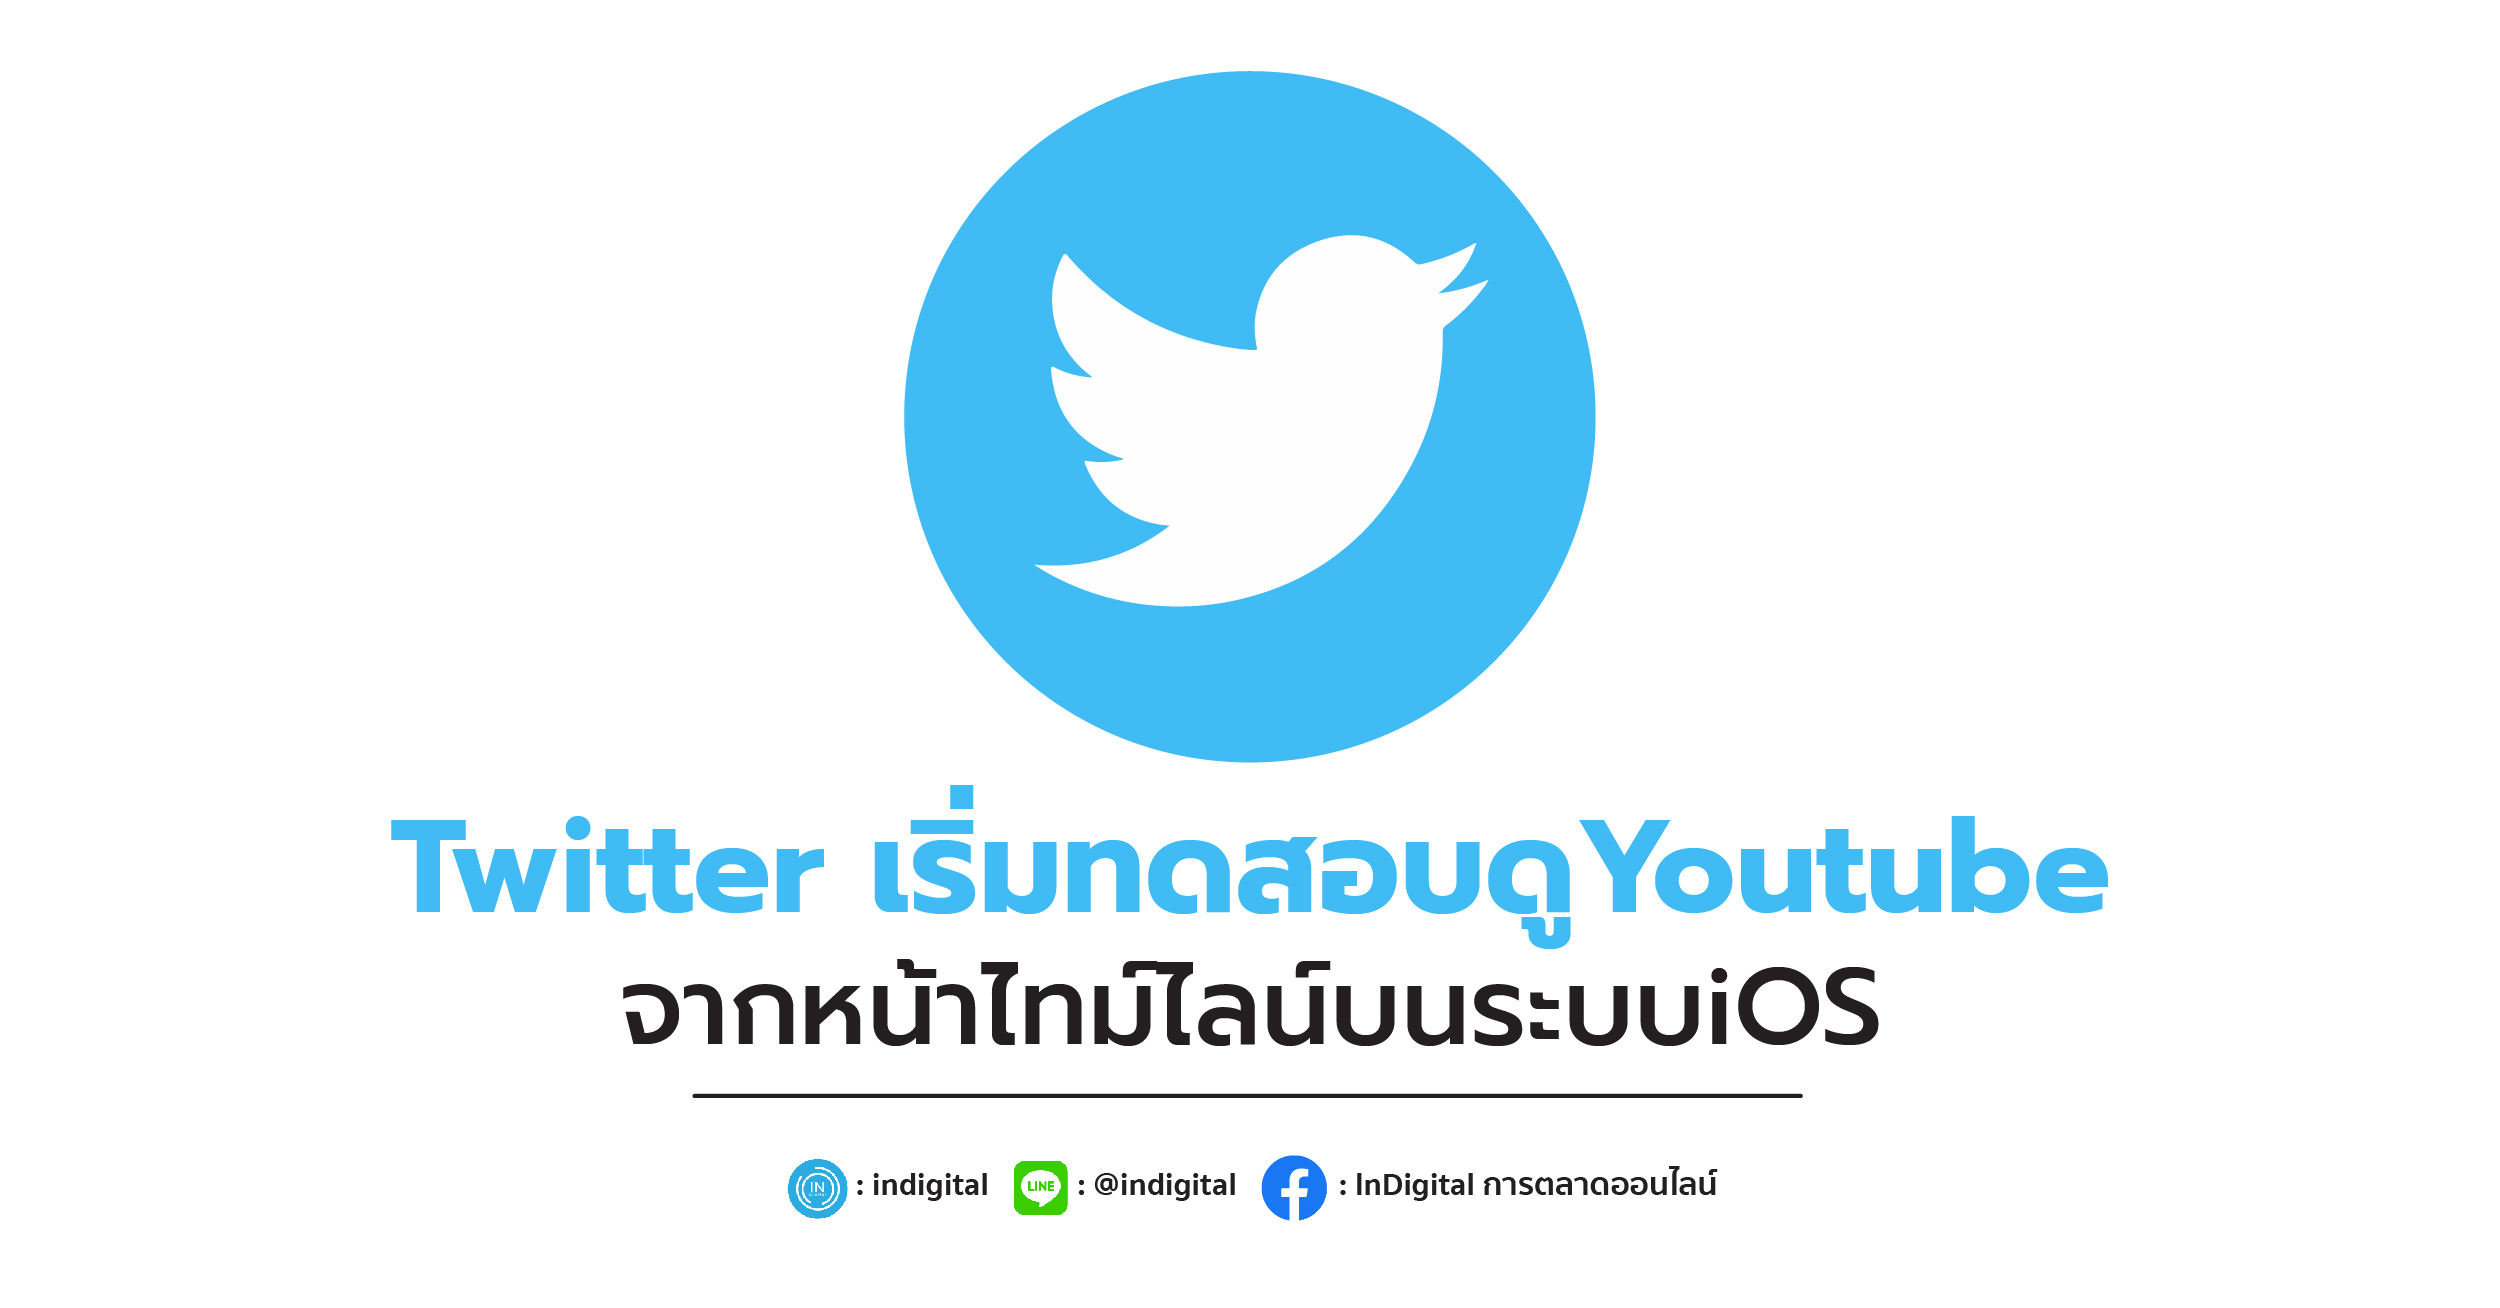 Twitter เริ่มทดสอบดูYoutubeจากหน้าไทม์ไลน์บนระบบiOS